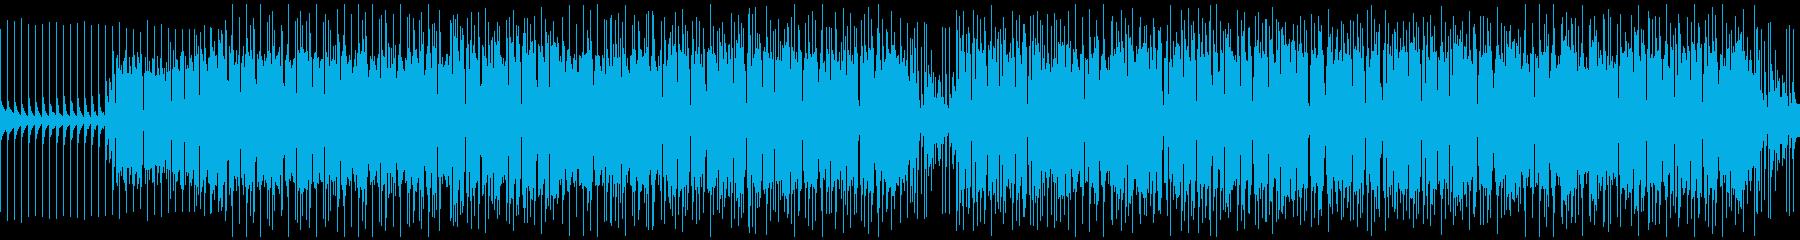 音数の少ないロックでスリリングなBGMの再生済みの波形